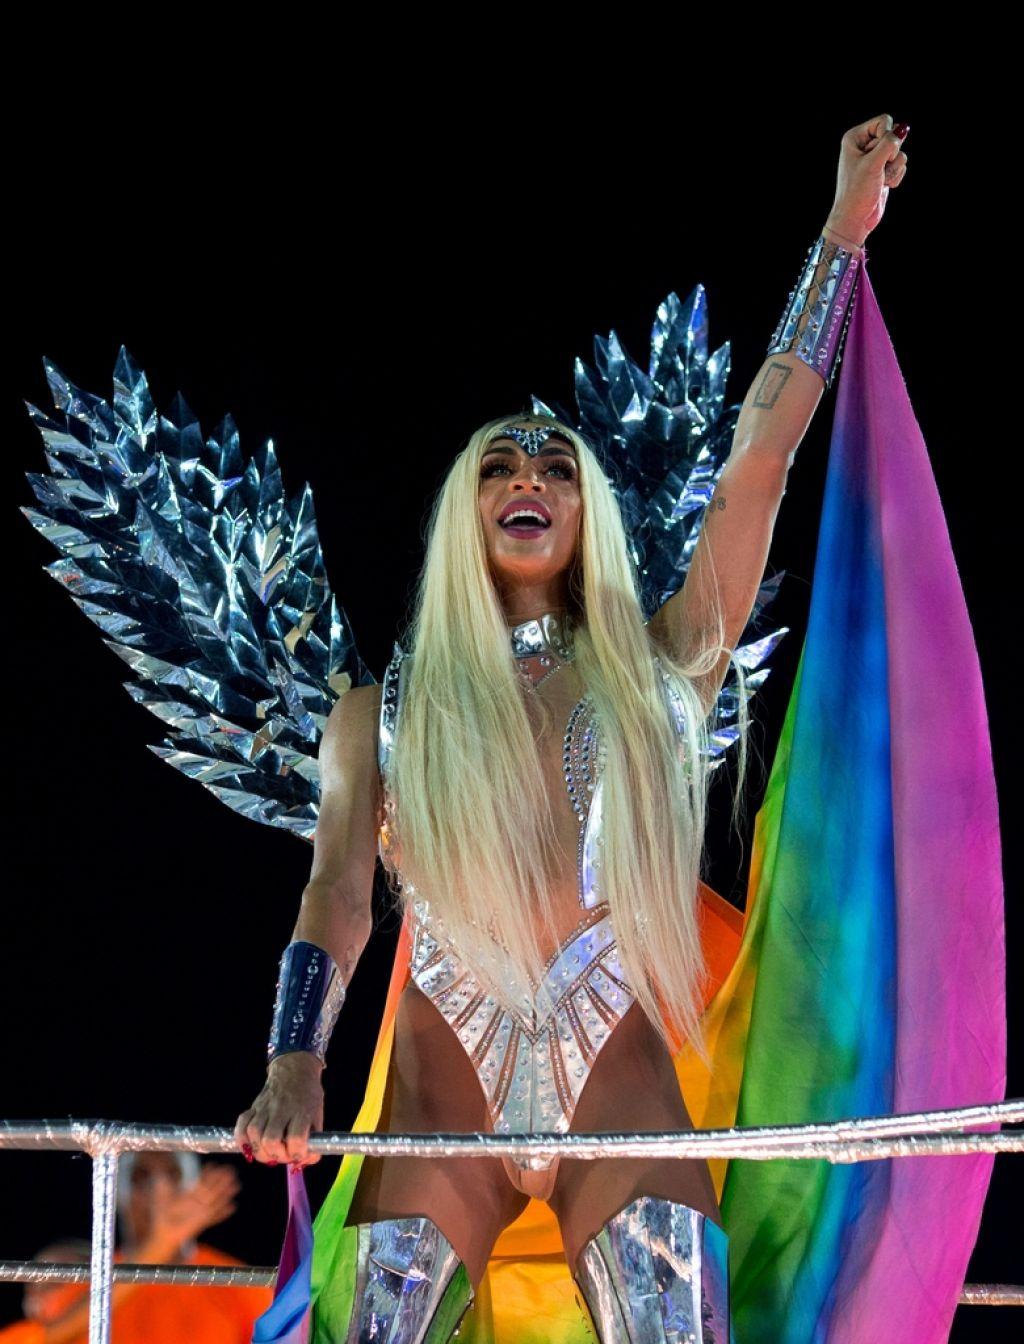 Kraljice karnevala v Riu